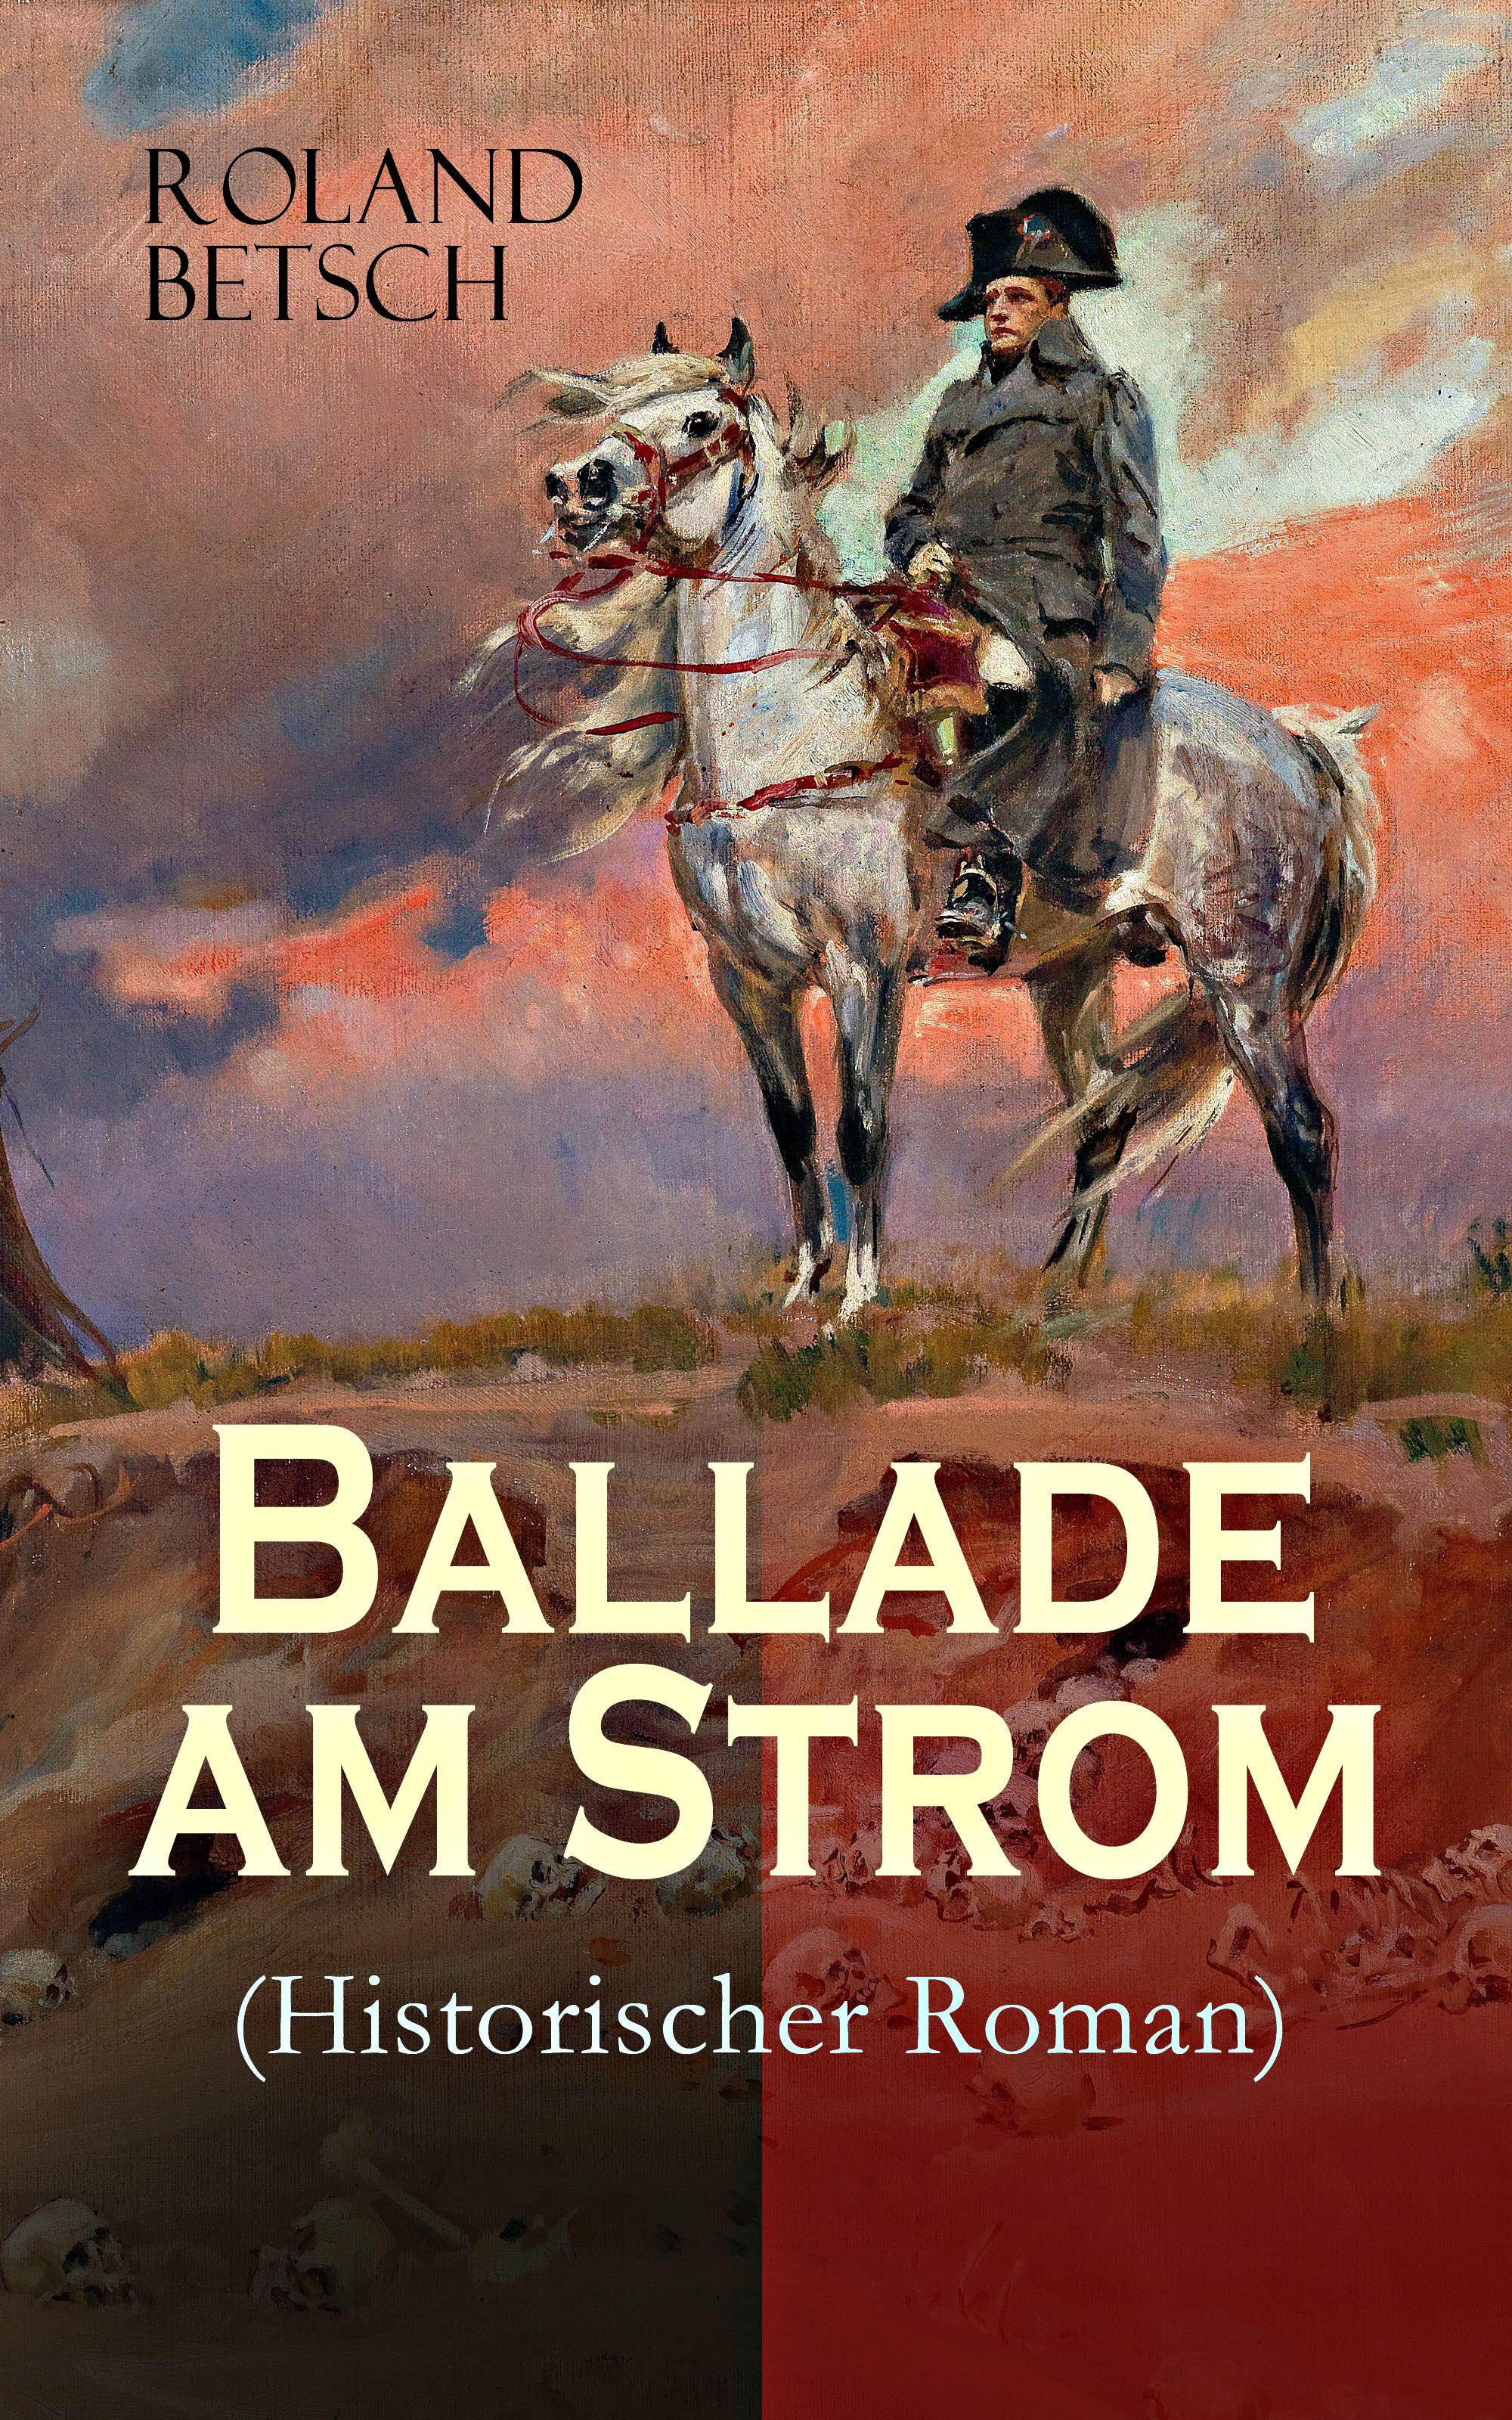 Фото - Roland Betsch Ballade am Strom (Historischer Roman) paris s strom robert d strom thinking in childhood and adolescence